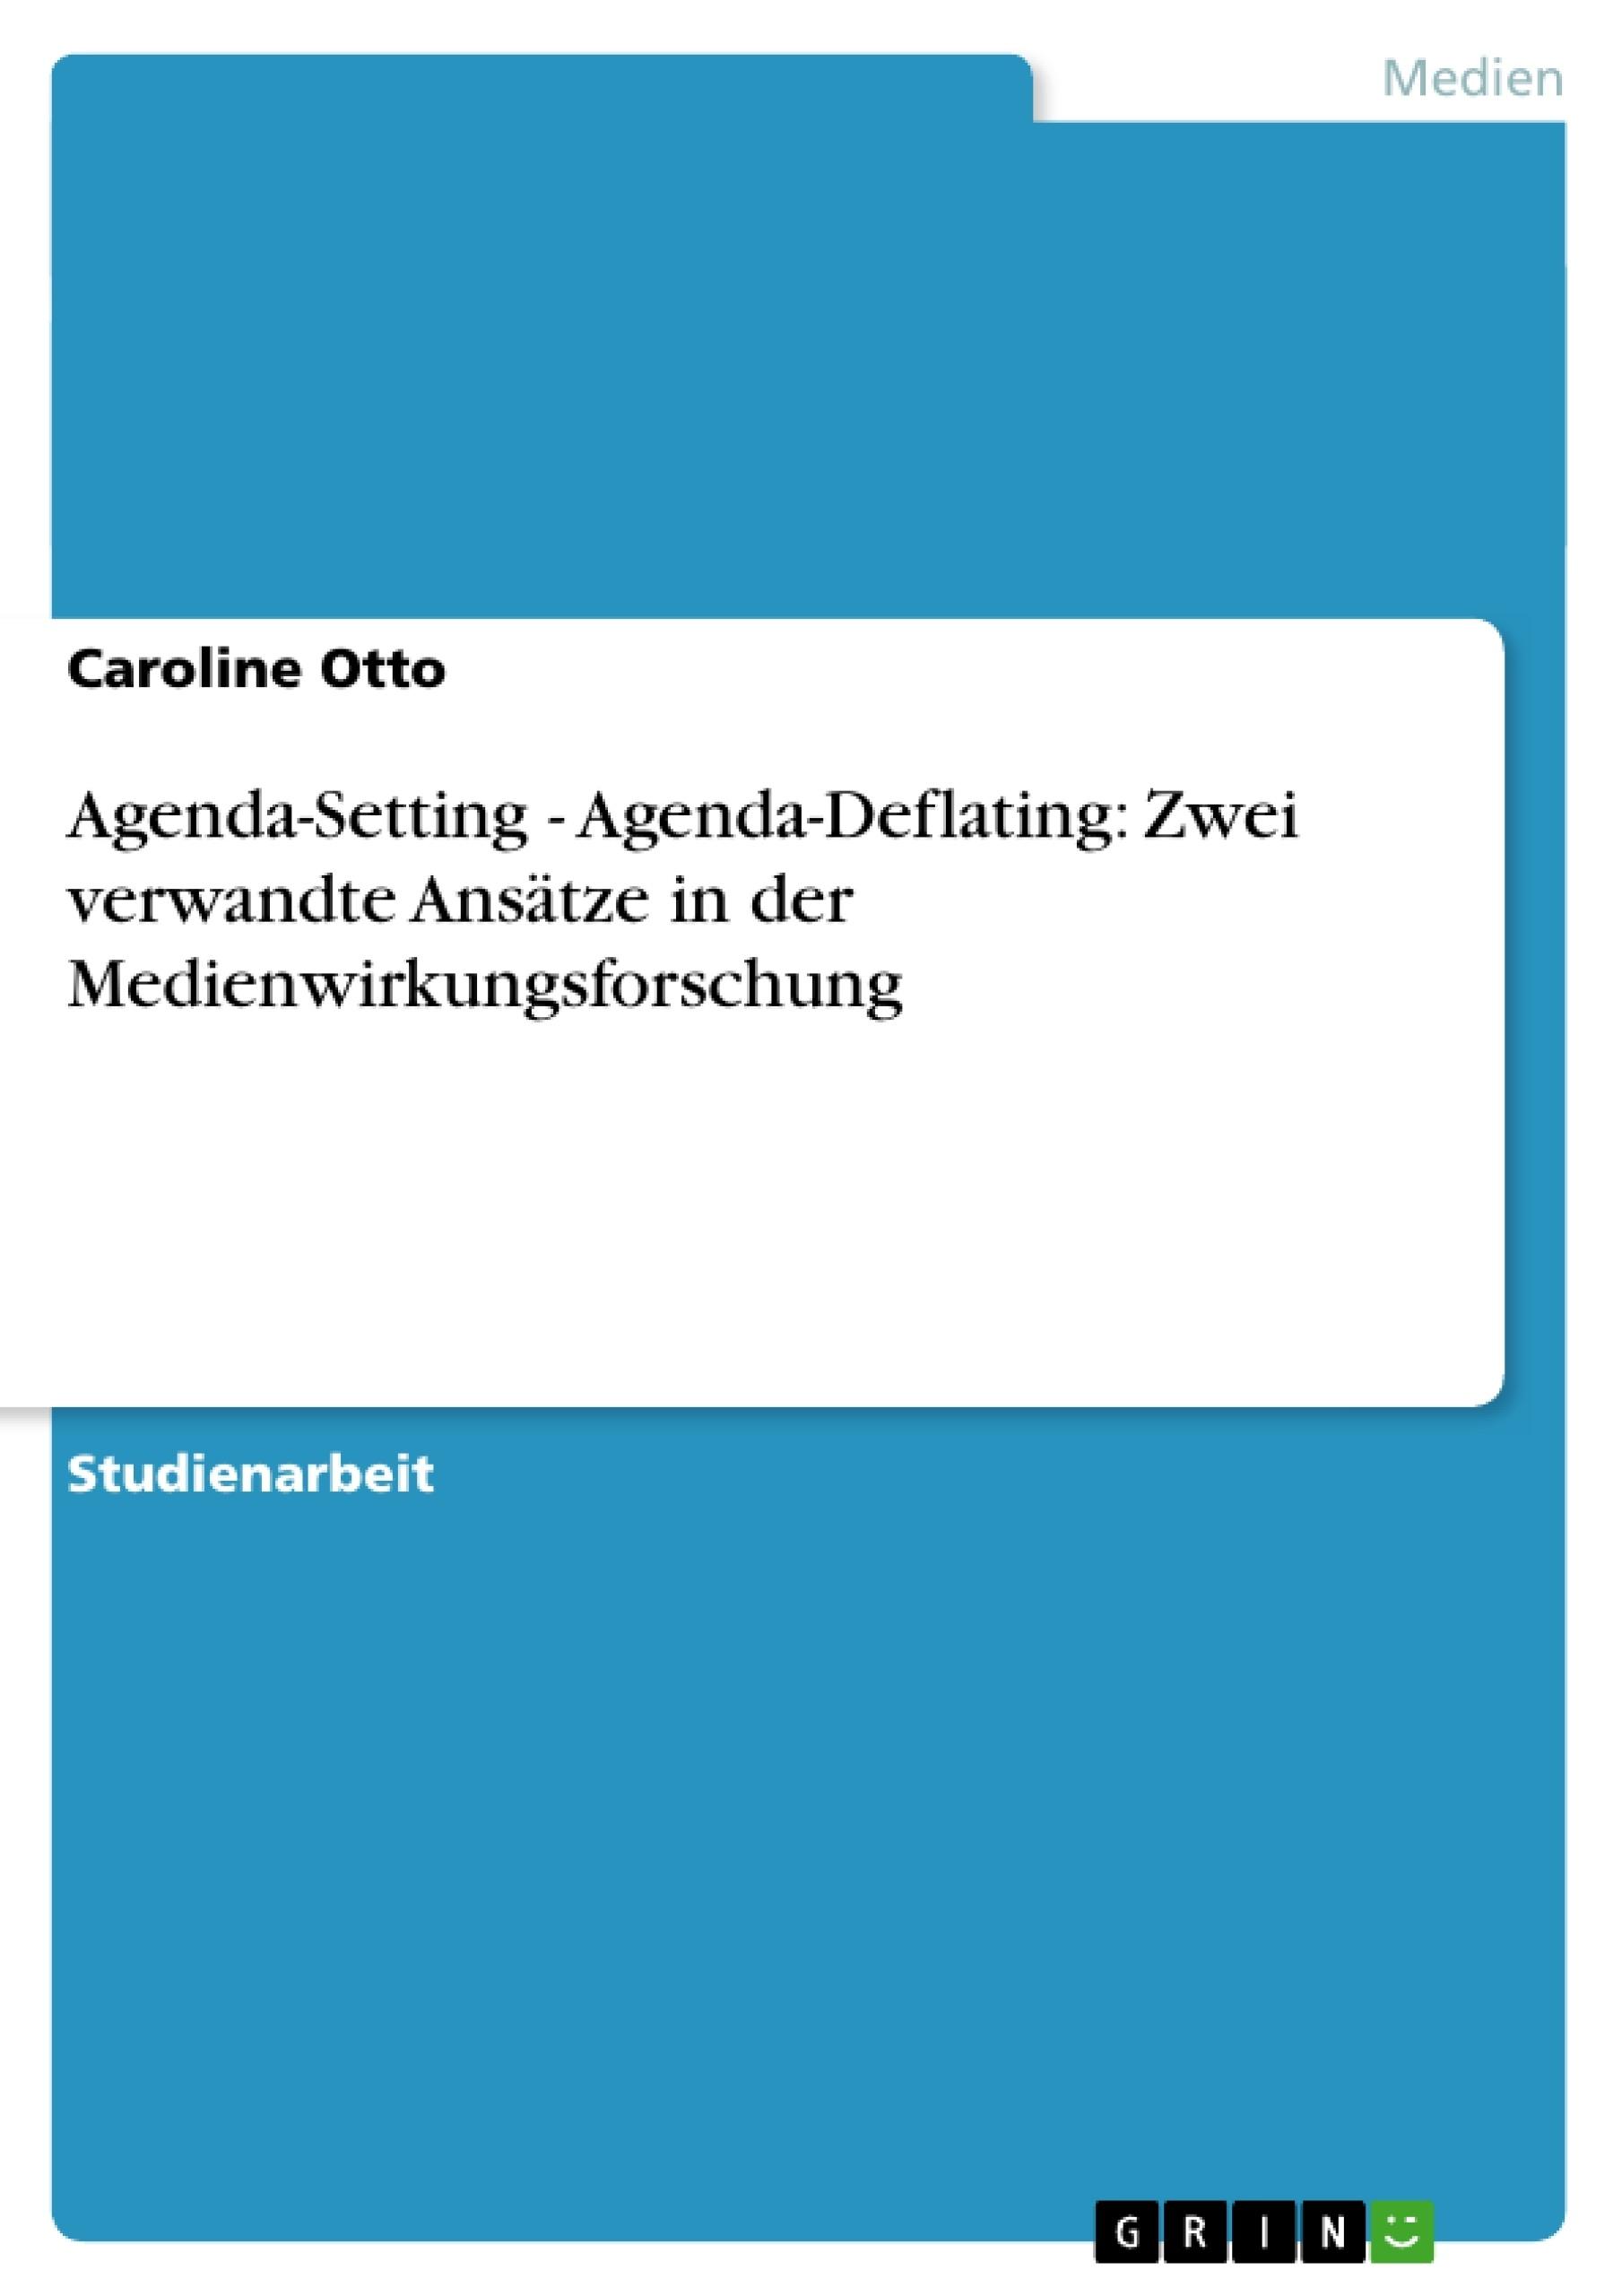 Titel: Agenda-Setting - Agenda-Deflating: Zwei verwandte Ansätze in der Medienwirkungsforschung